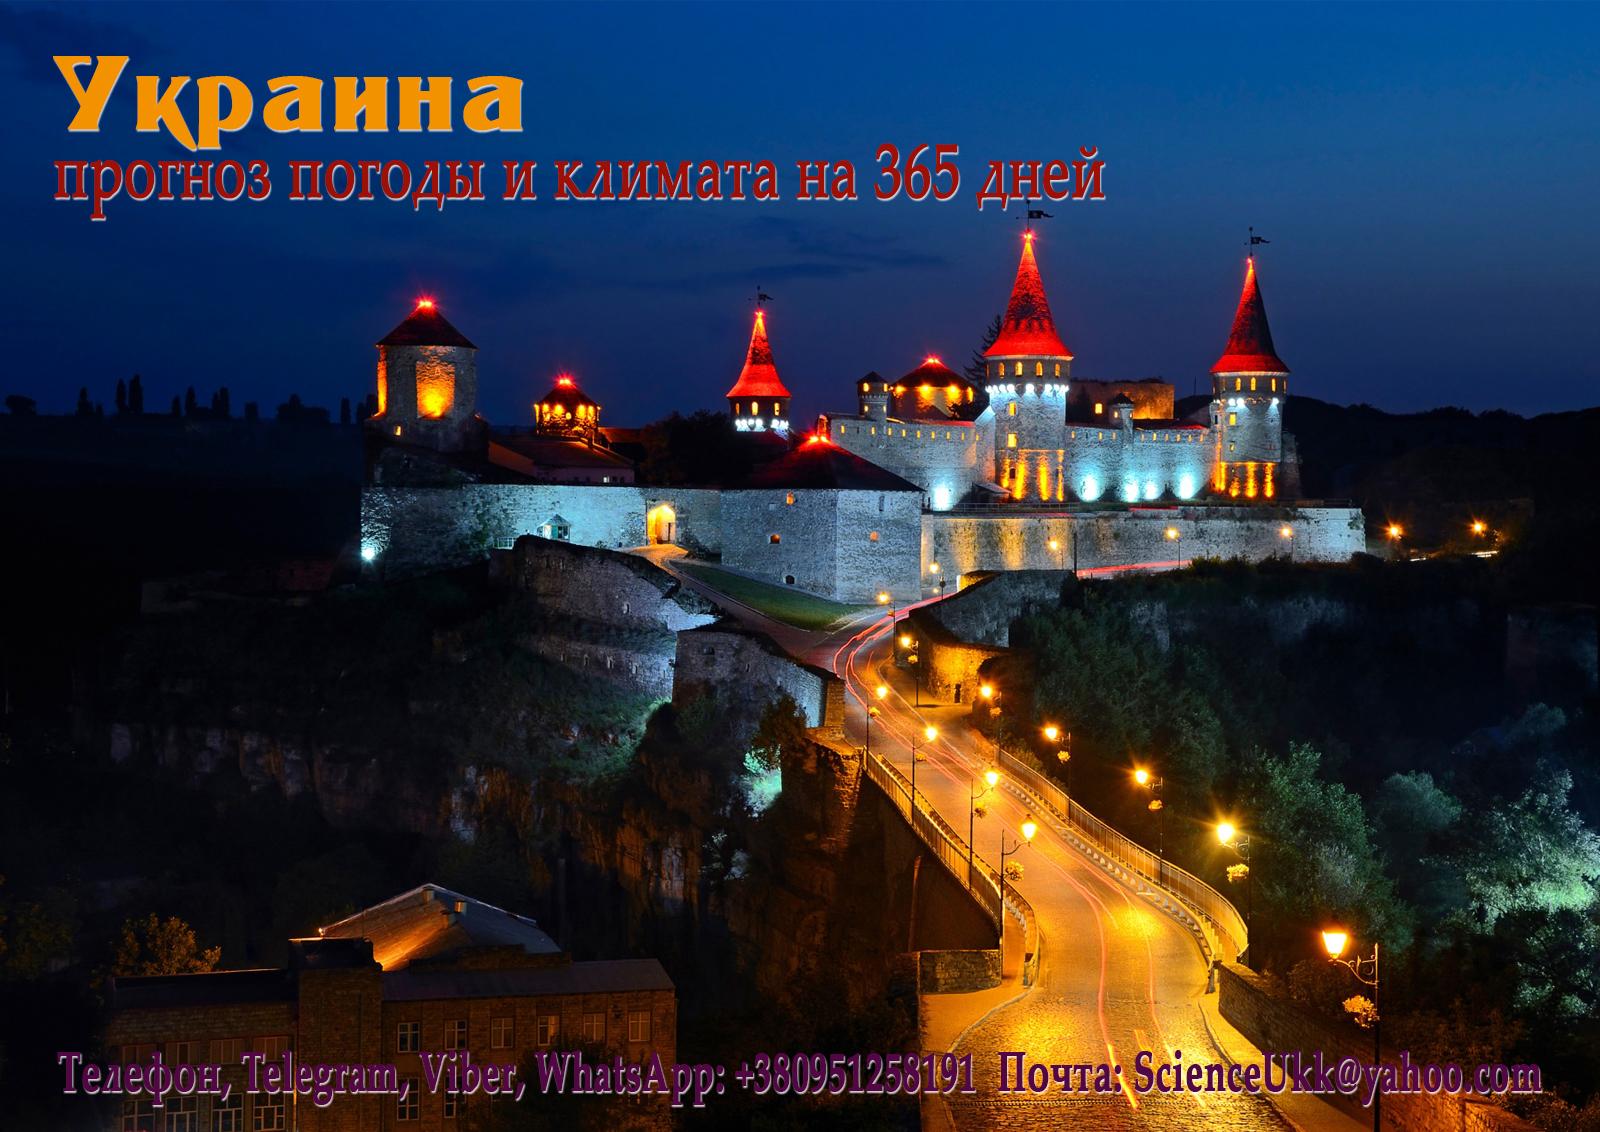 K.Vedomosti-Ukraina-1600-2018.07.14-002